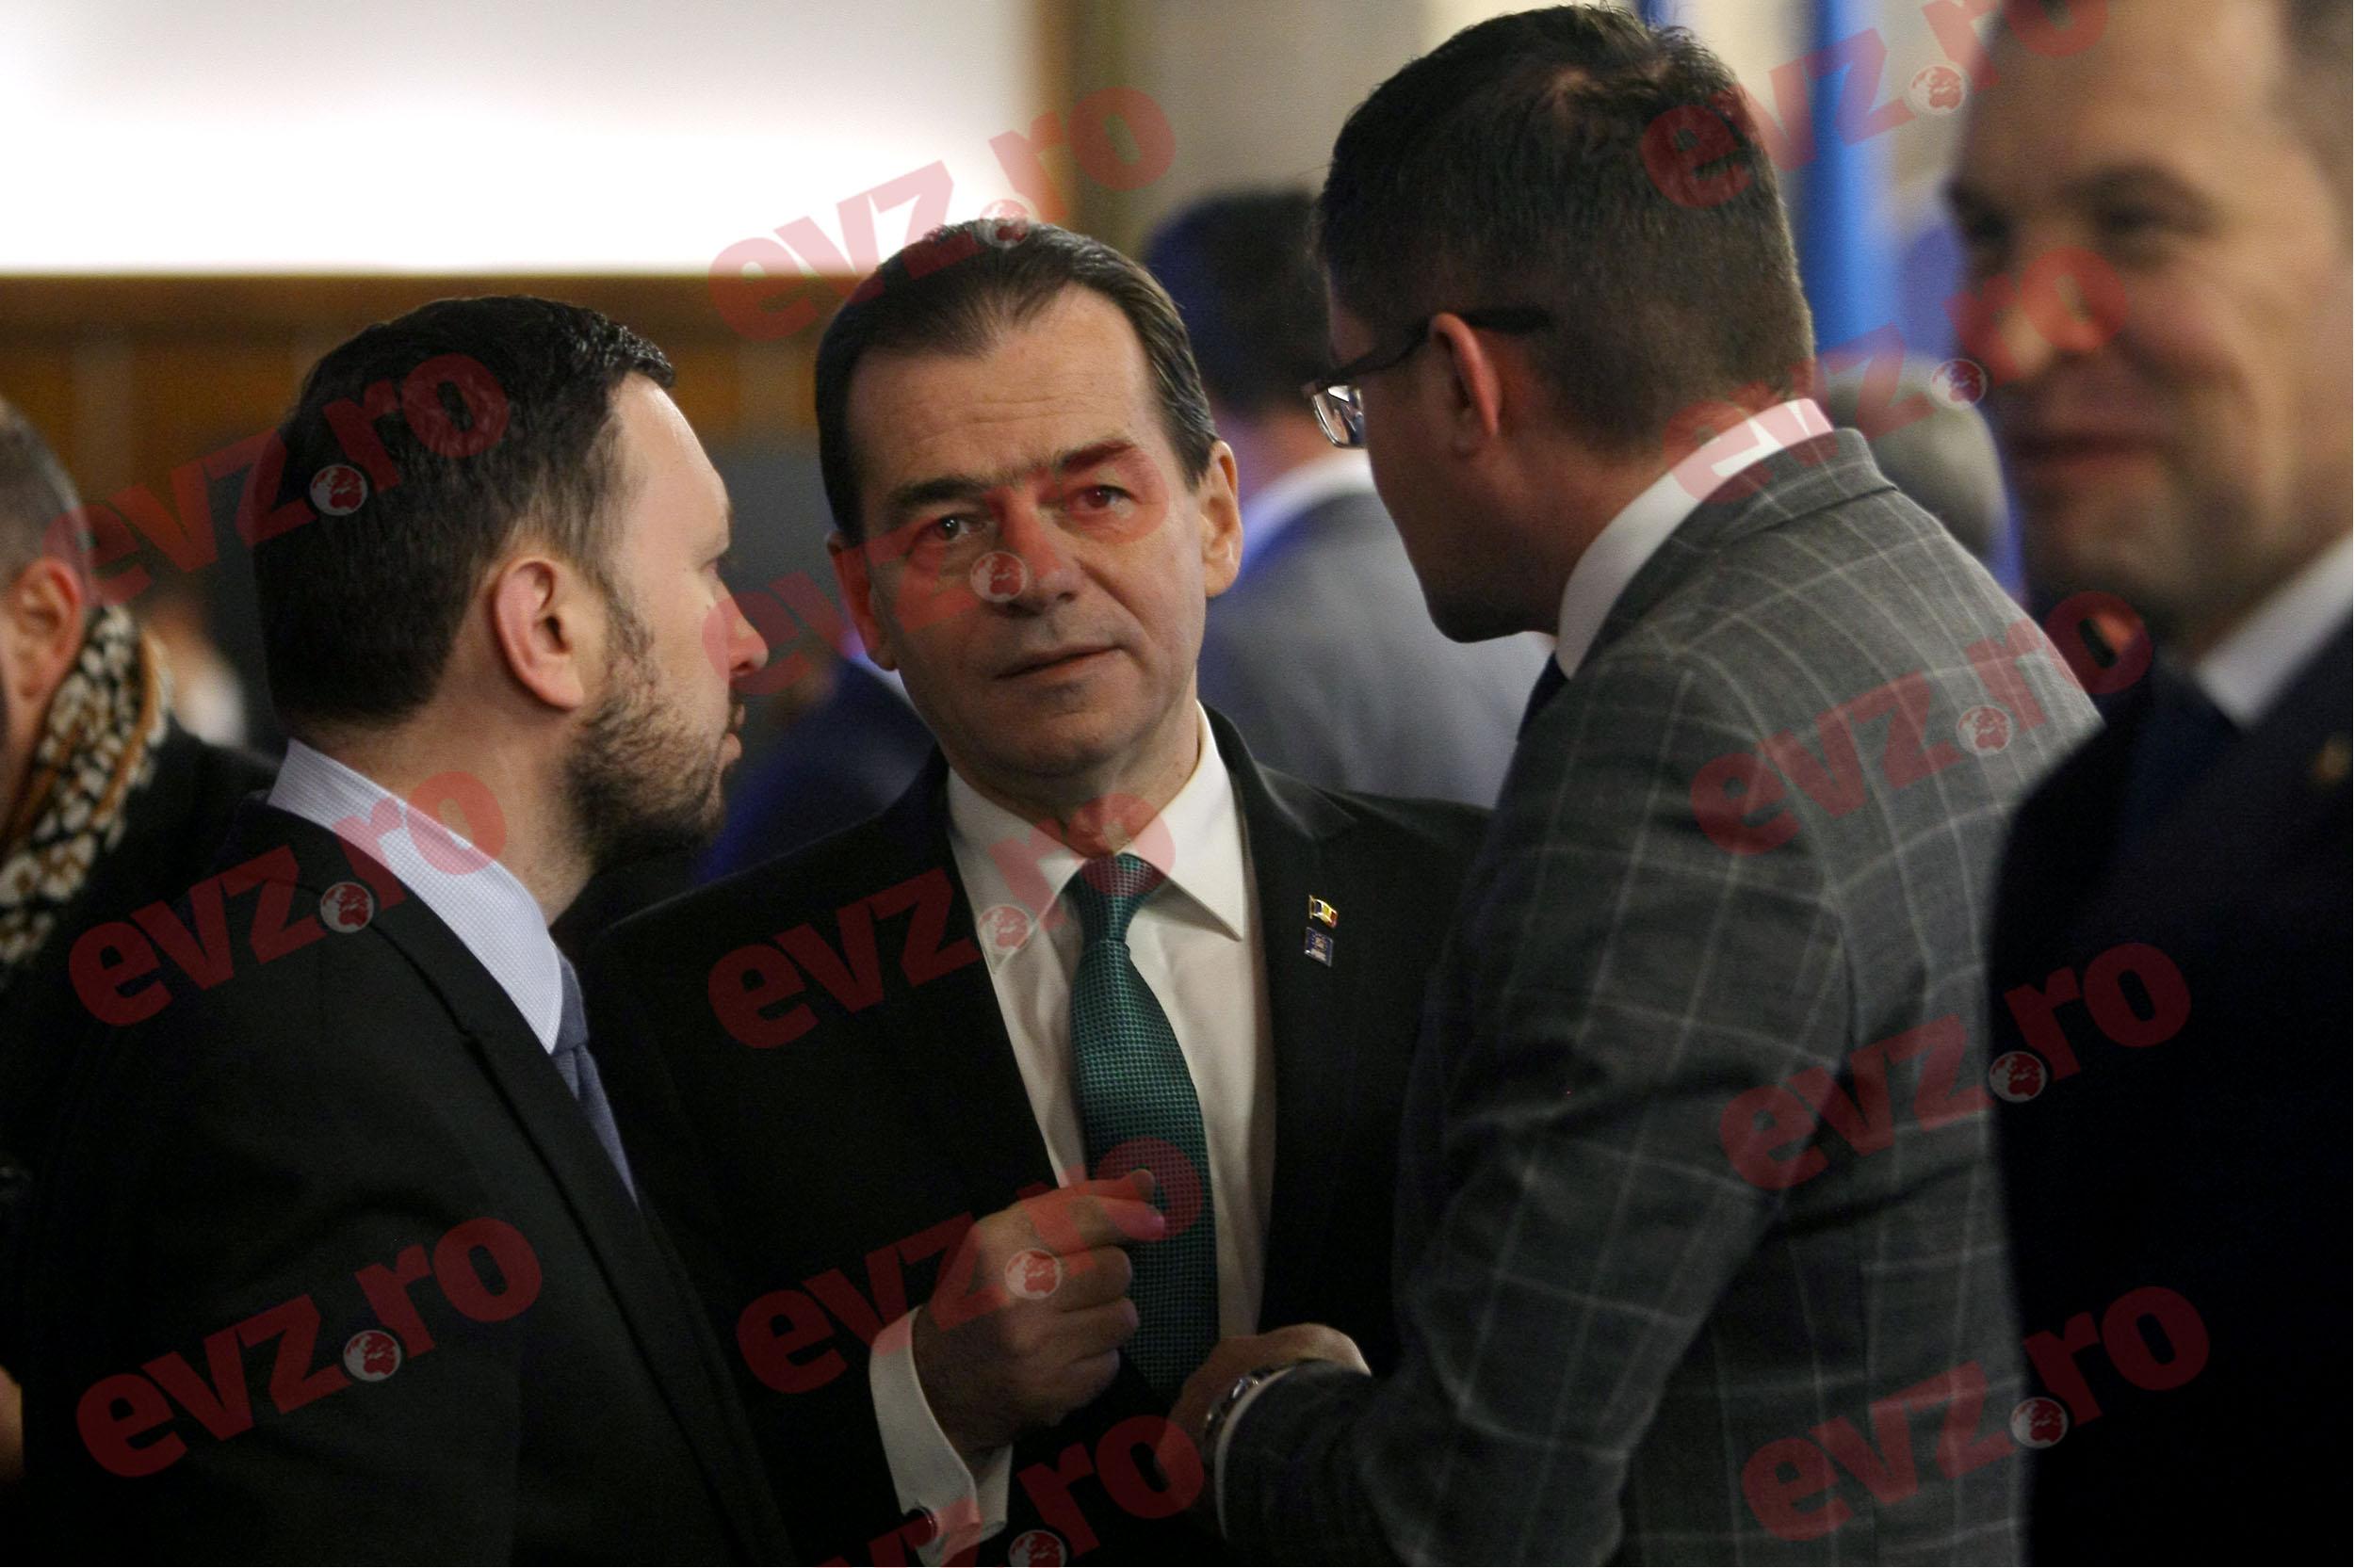 """Fost ministru: """" Ludovic Orban, te rog, rade-i! Repede și de la rădăcină!"""""""